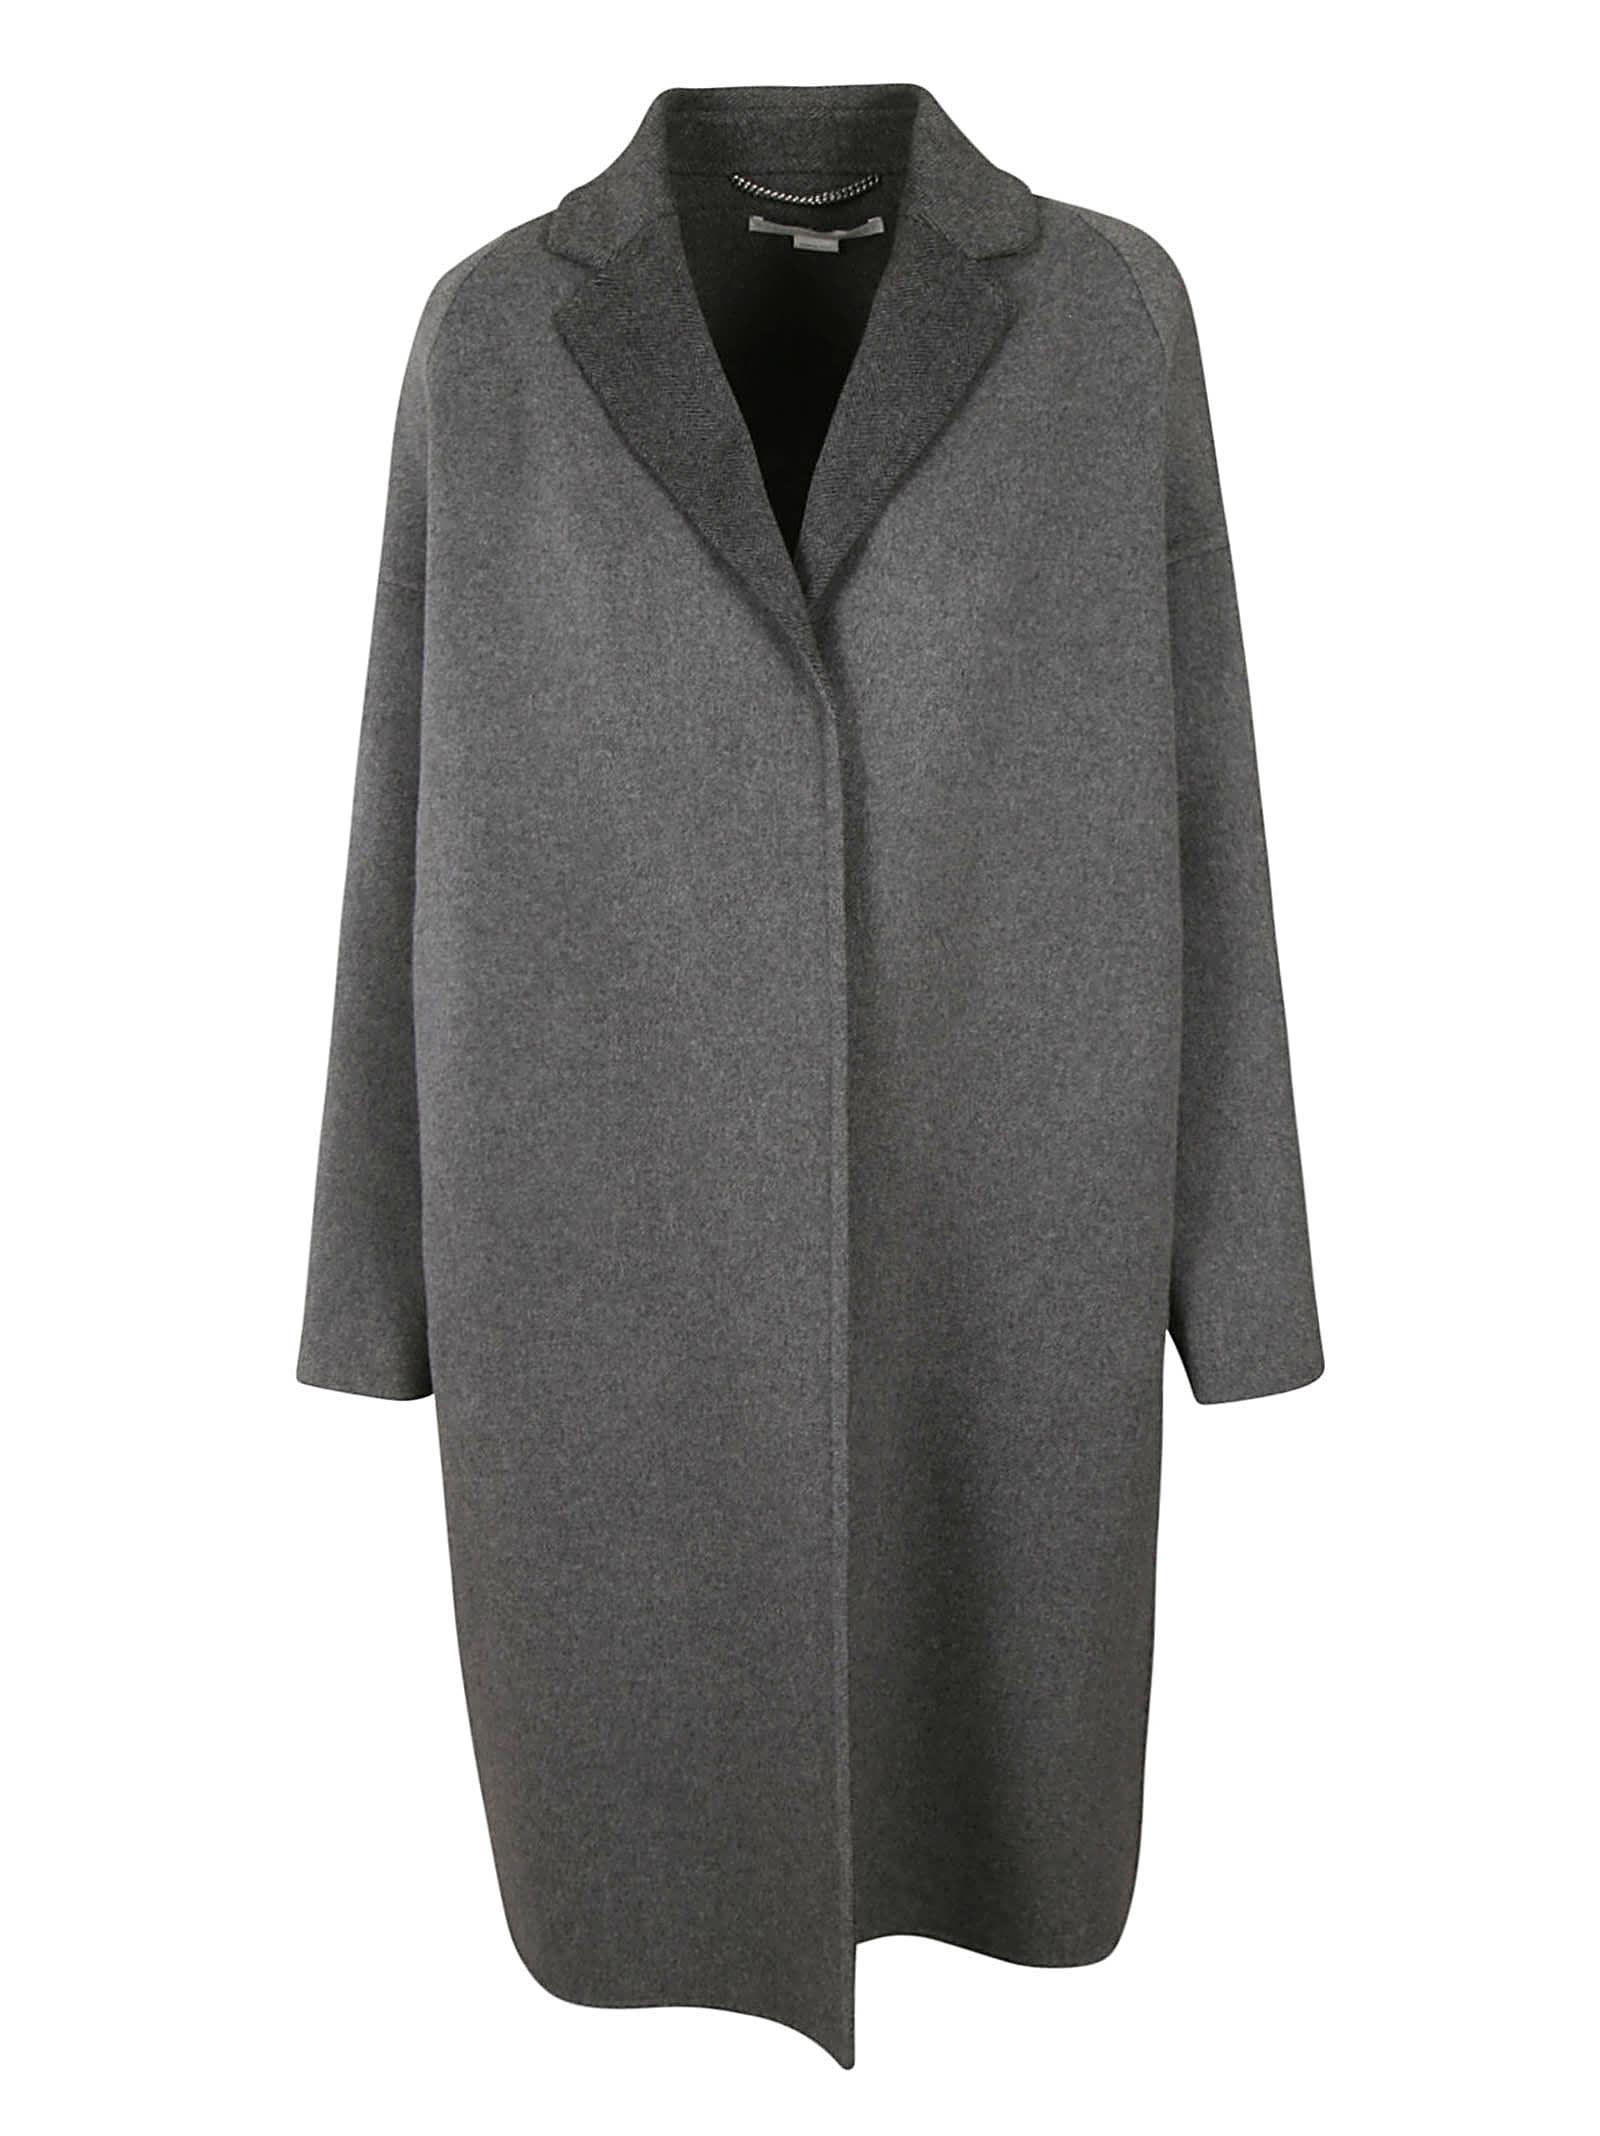 Stella McCartney Oversized Coat